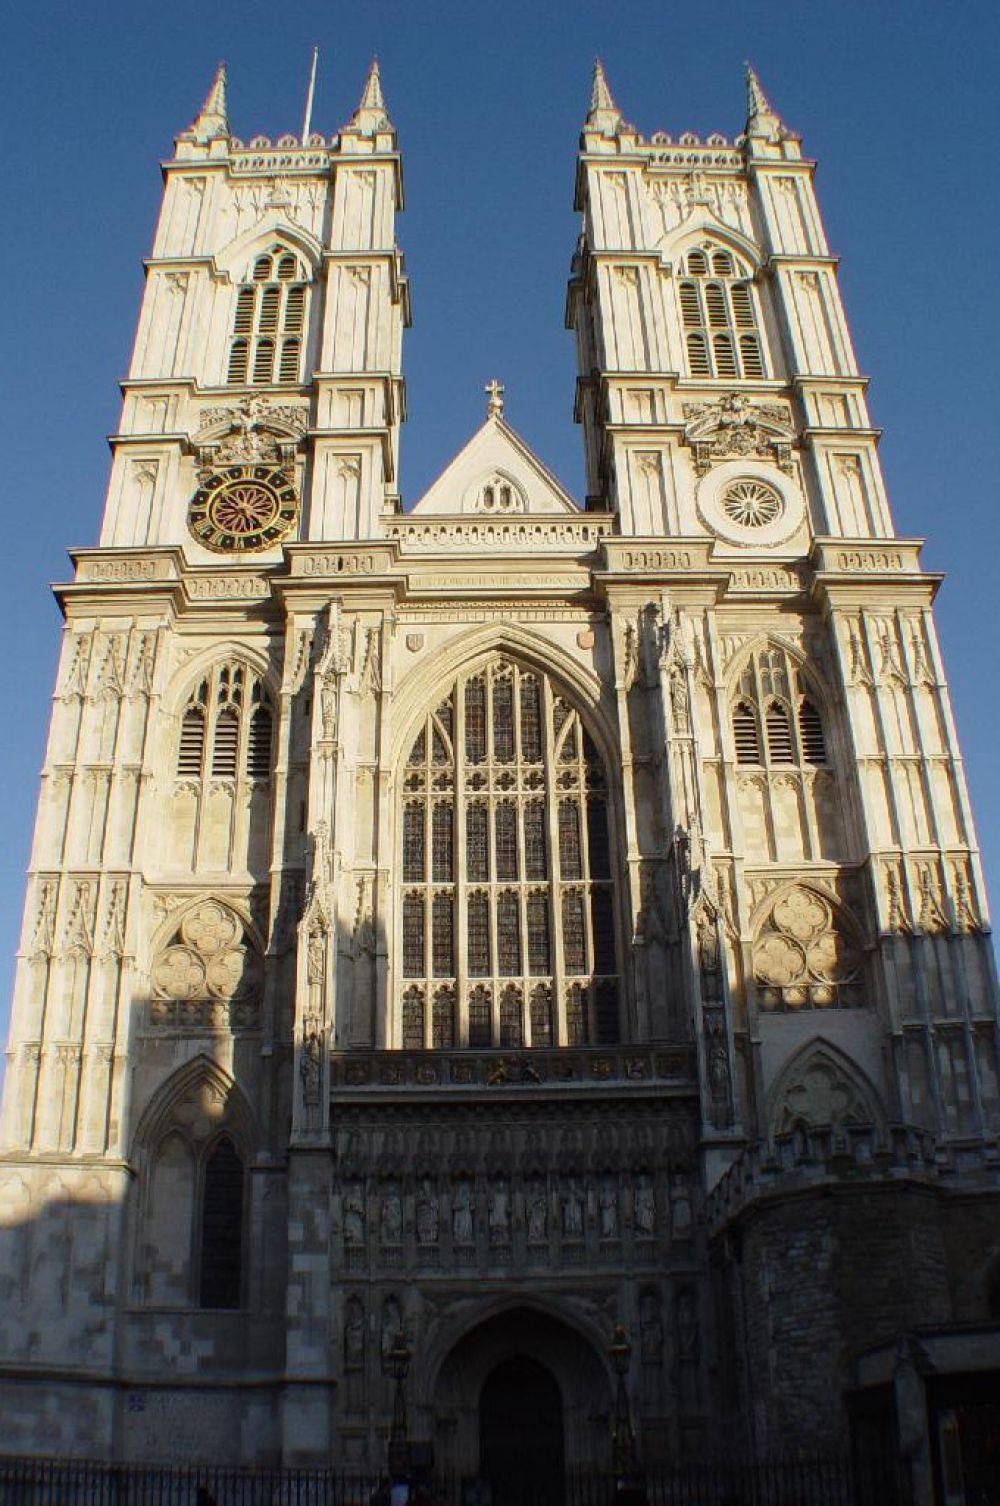 Сейчас Вестминстерское аббатство является одной из главных достопримечательностей Великобритании и наряду с близлежащей церковью Сент-Маргарет причислено к Всемирному наследию ЮНЕСКО.